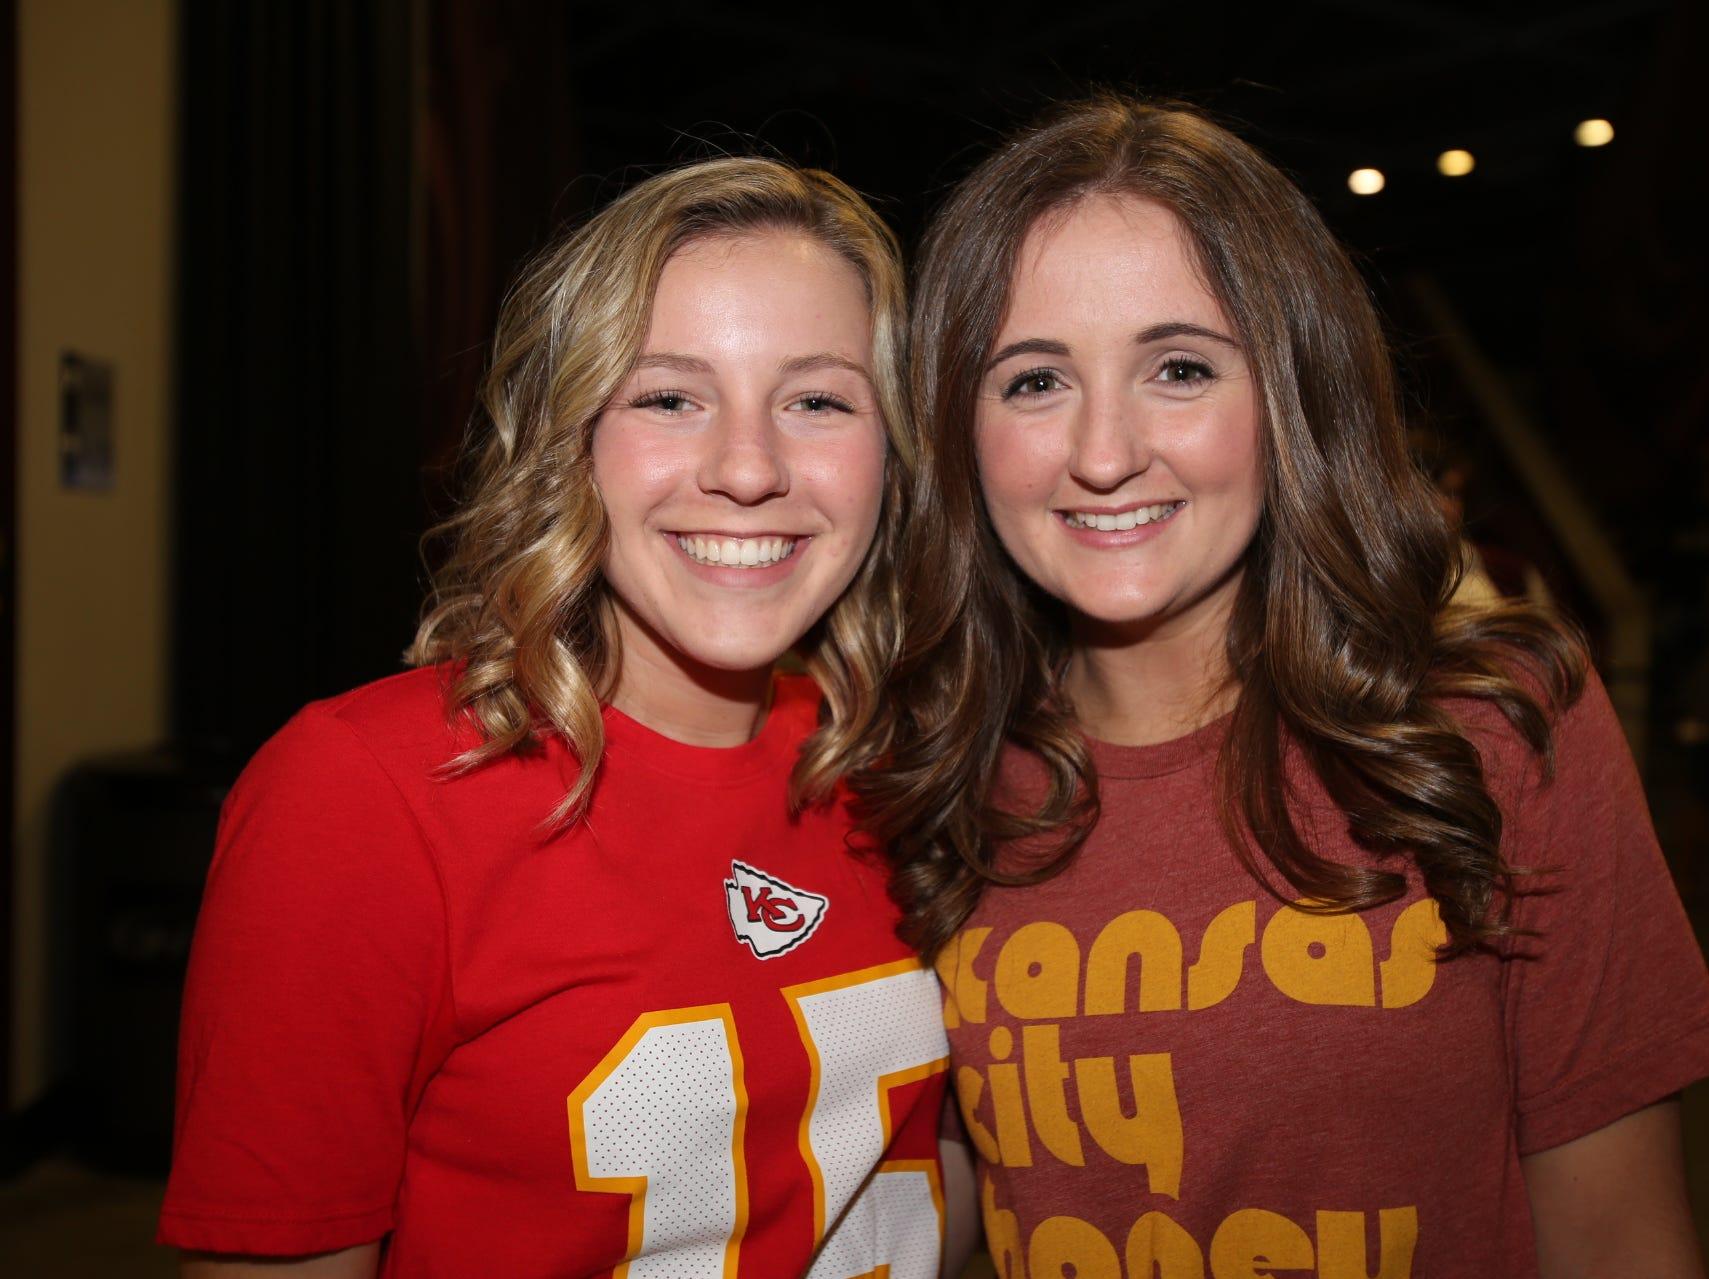 Brecklyn Mainard and Maddie Smith